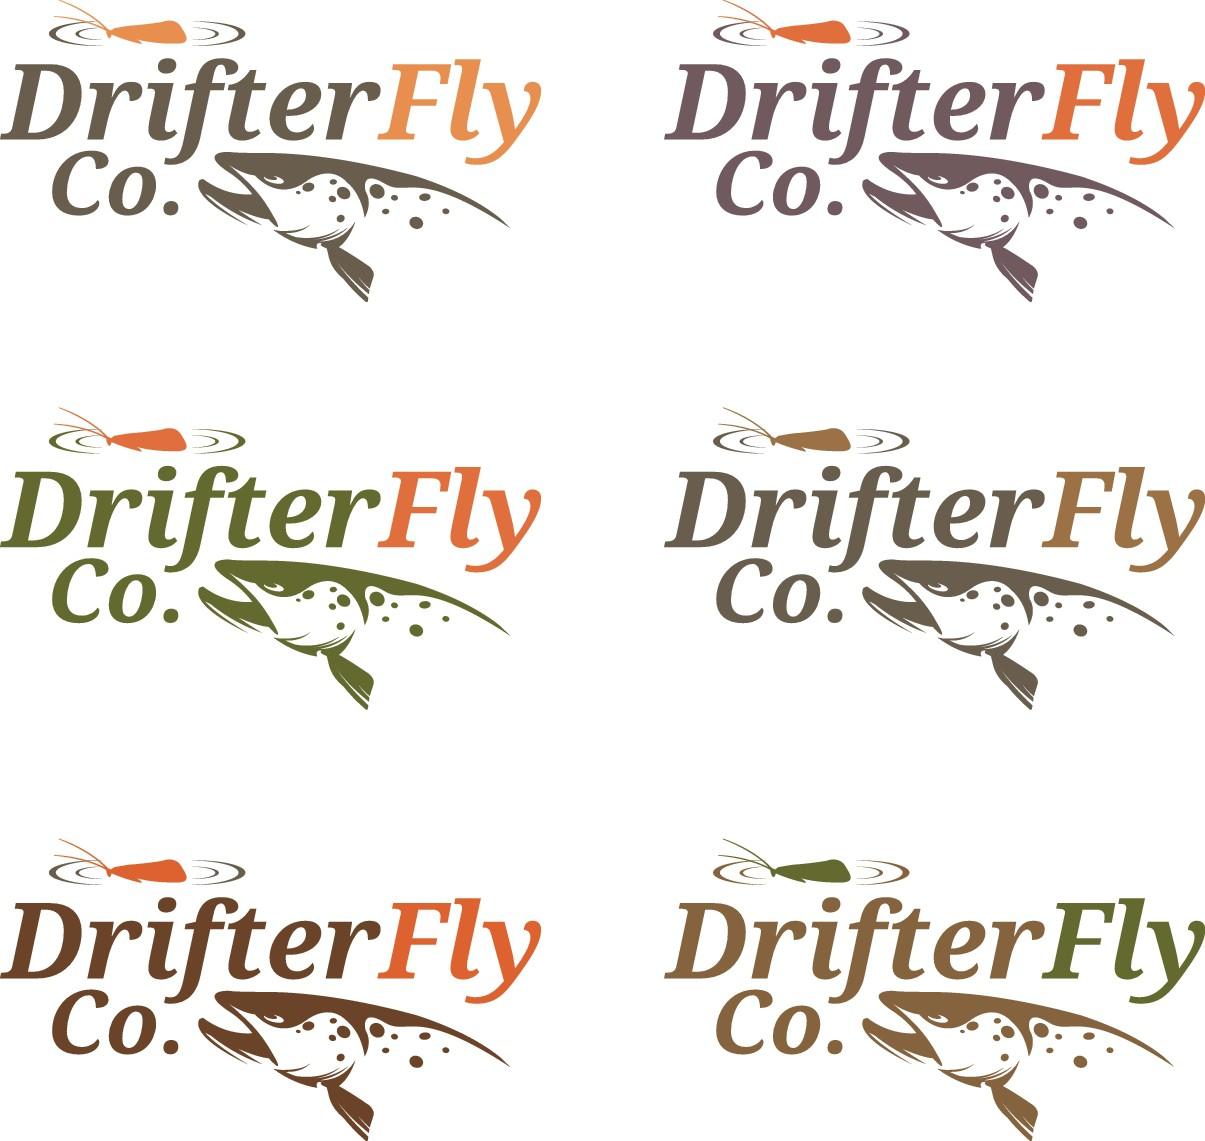 Drifter Fly Co